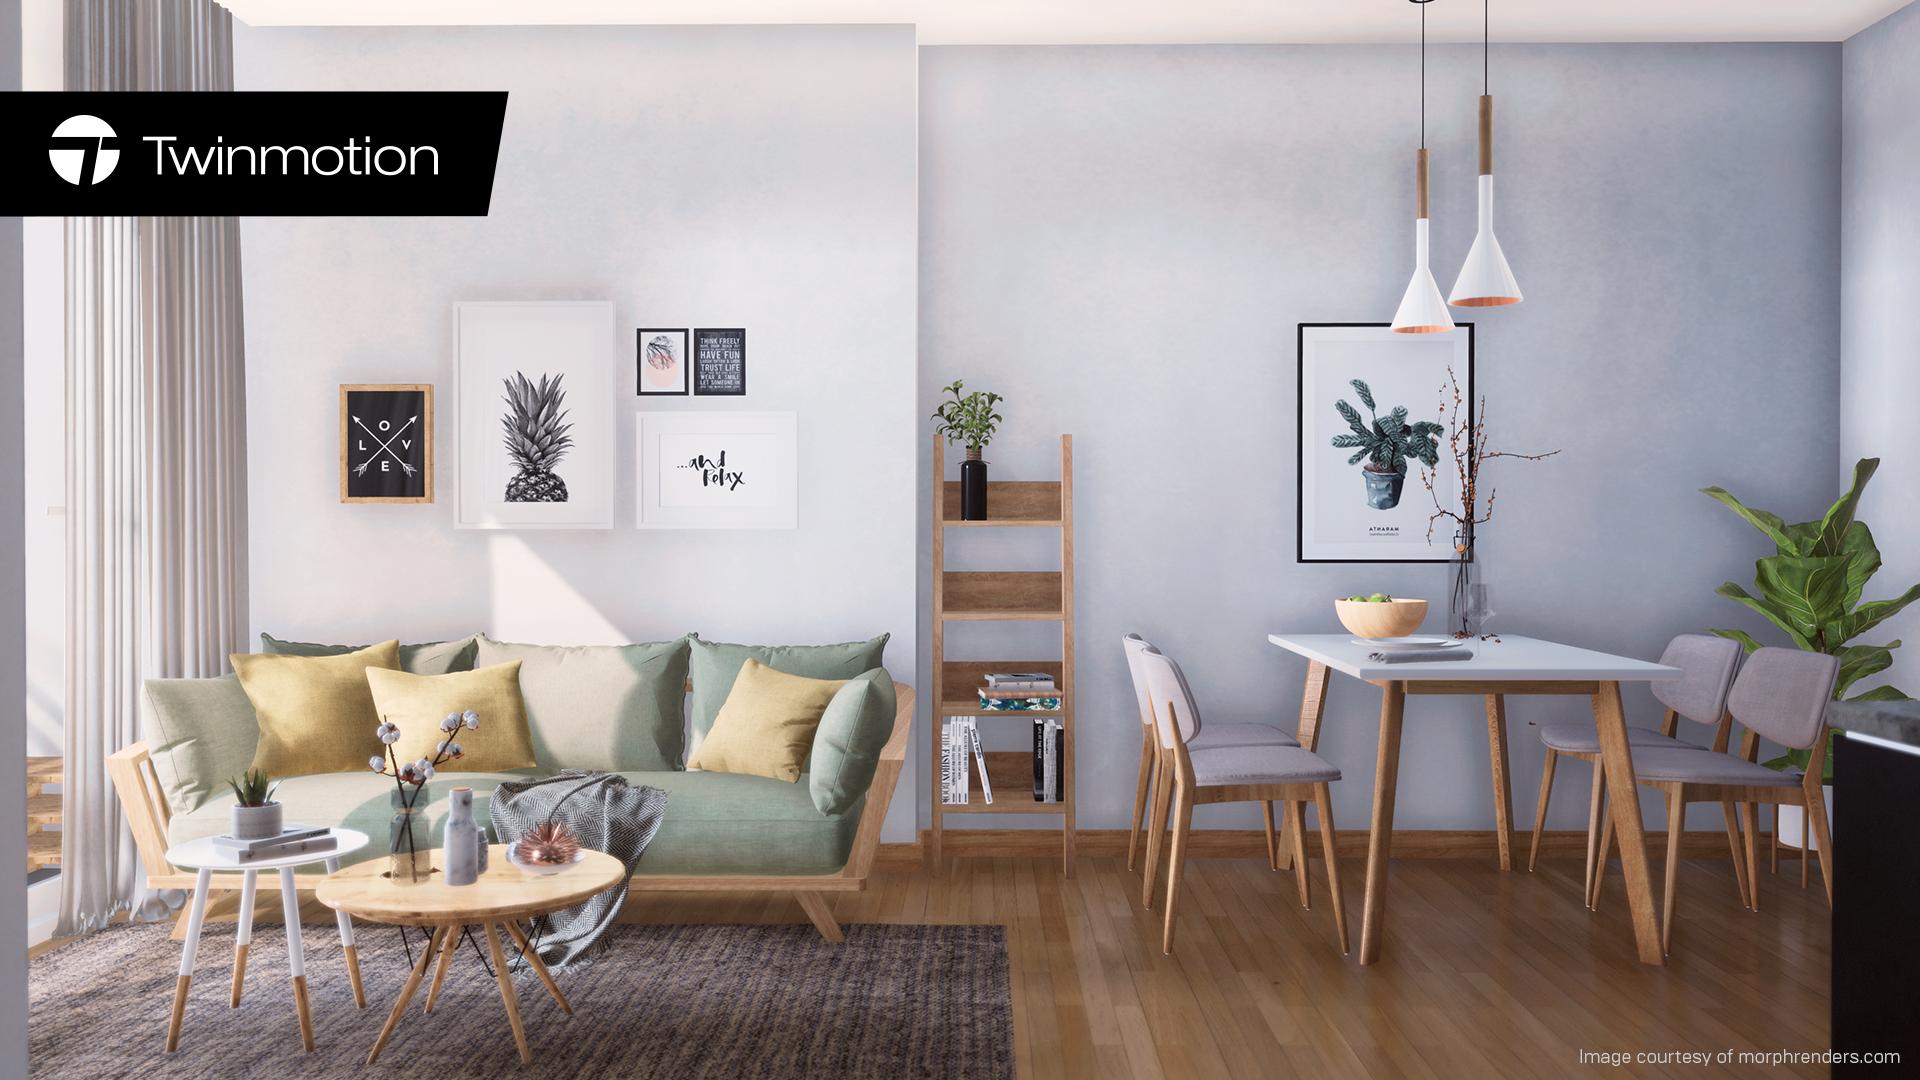 建築ビジュアライゼーションソフト「Twinmotion」最新リビジョンを公開